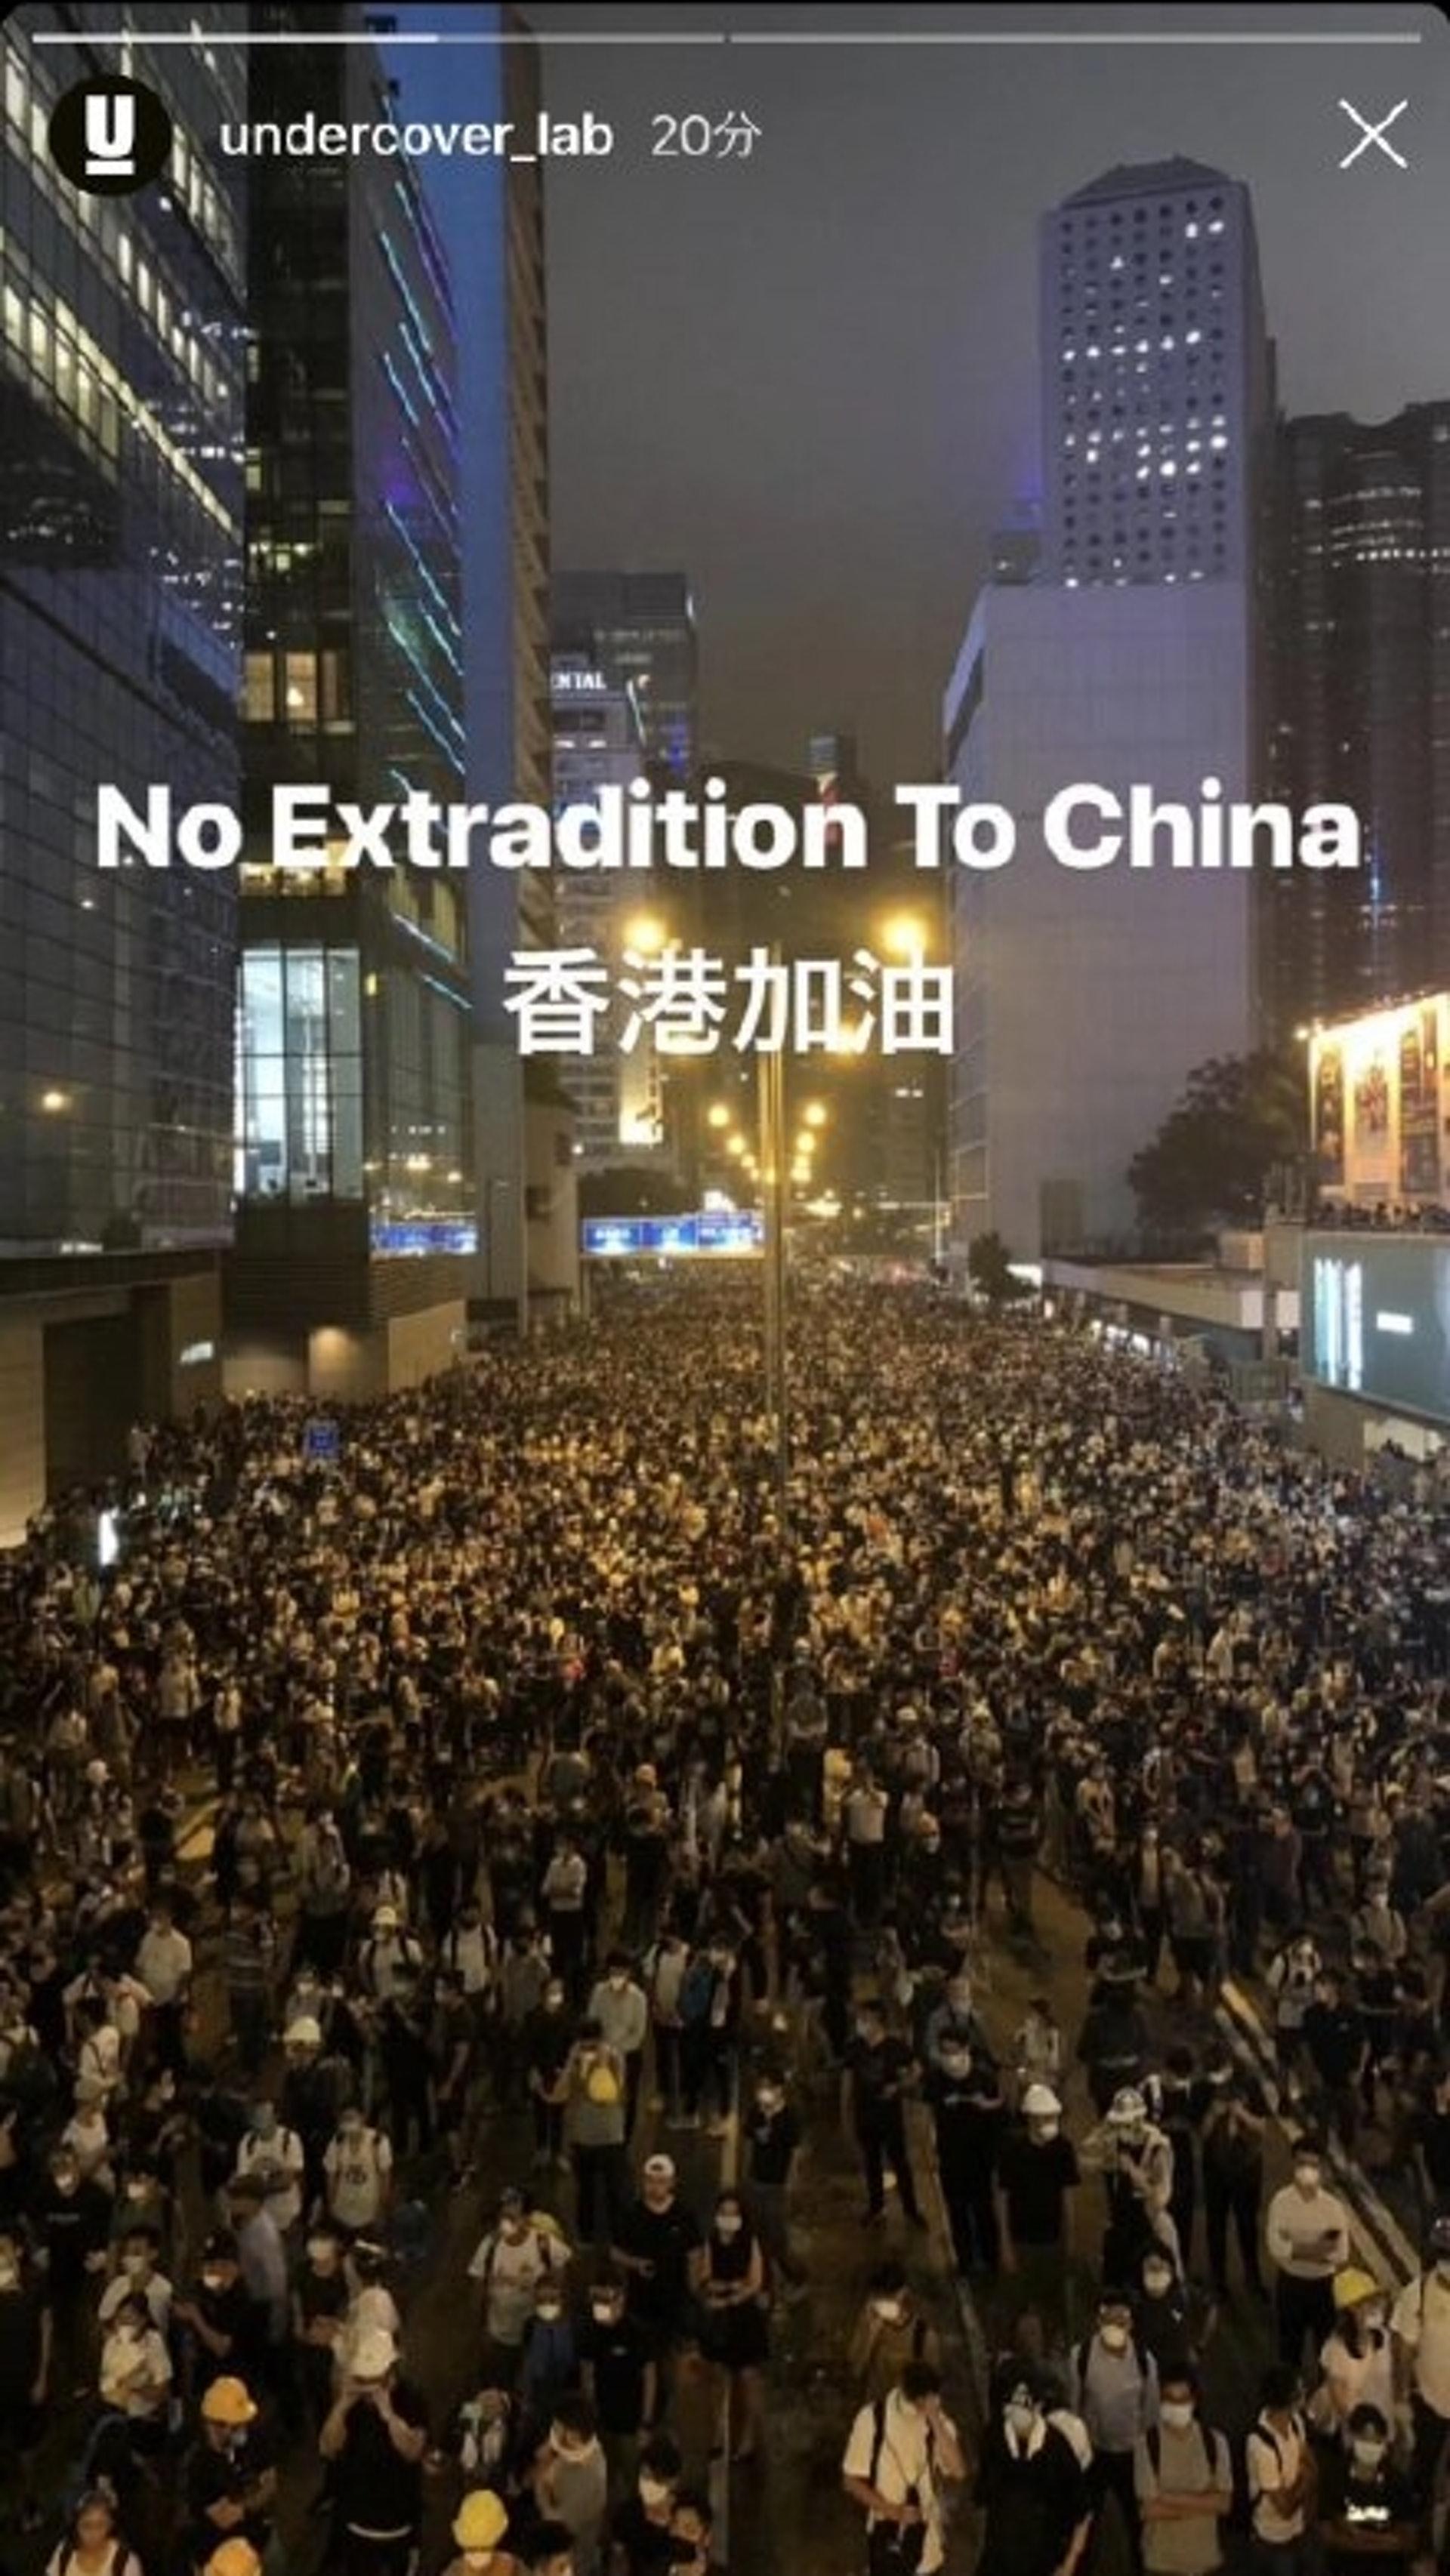 UNDERCOVER一句「No Extradition To China 香港加油」觸動大陸網民神經(網上圖片)